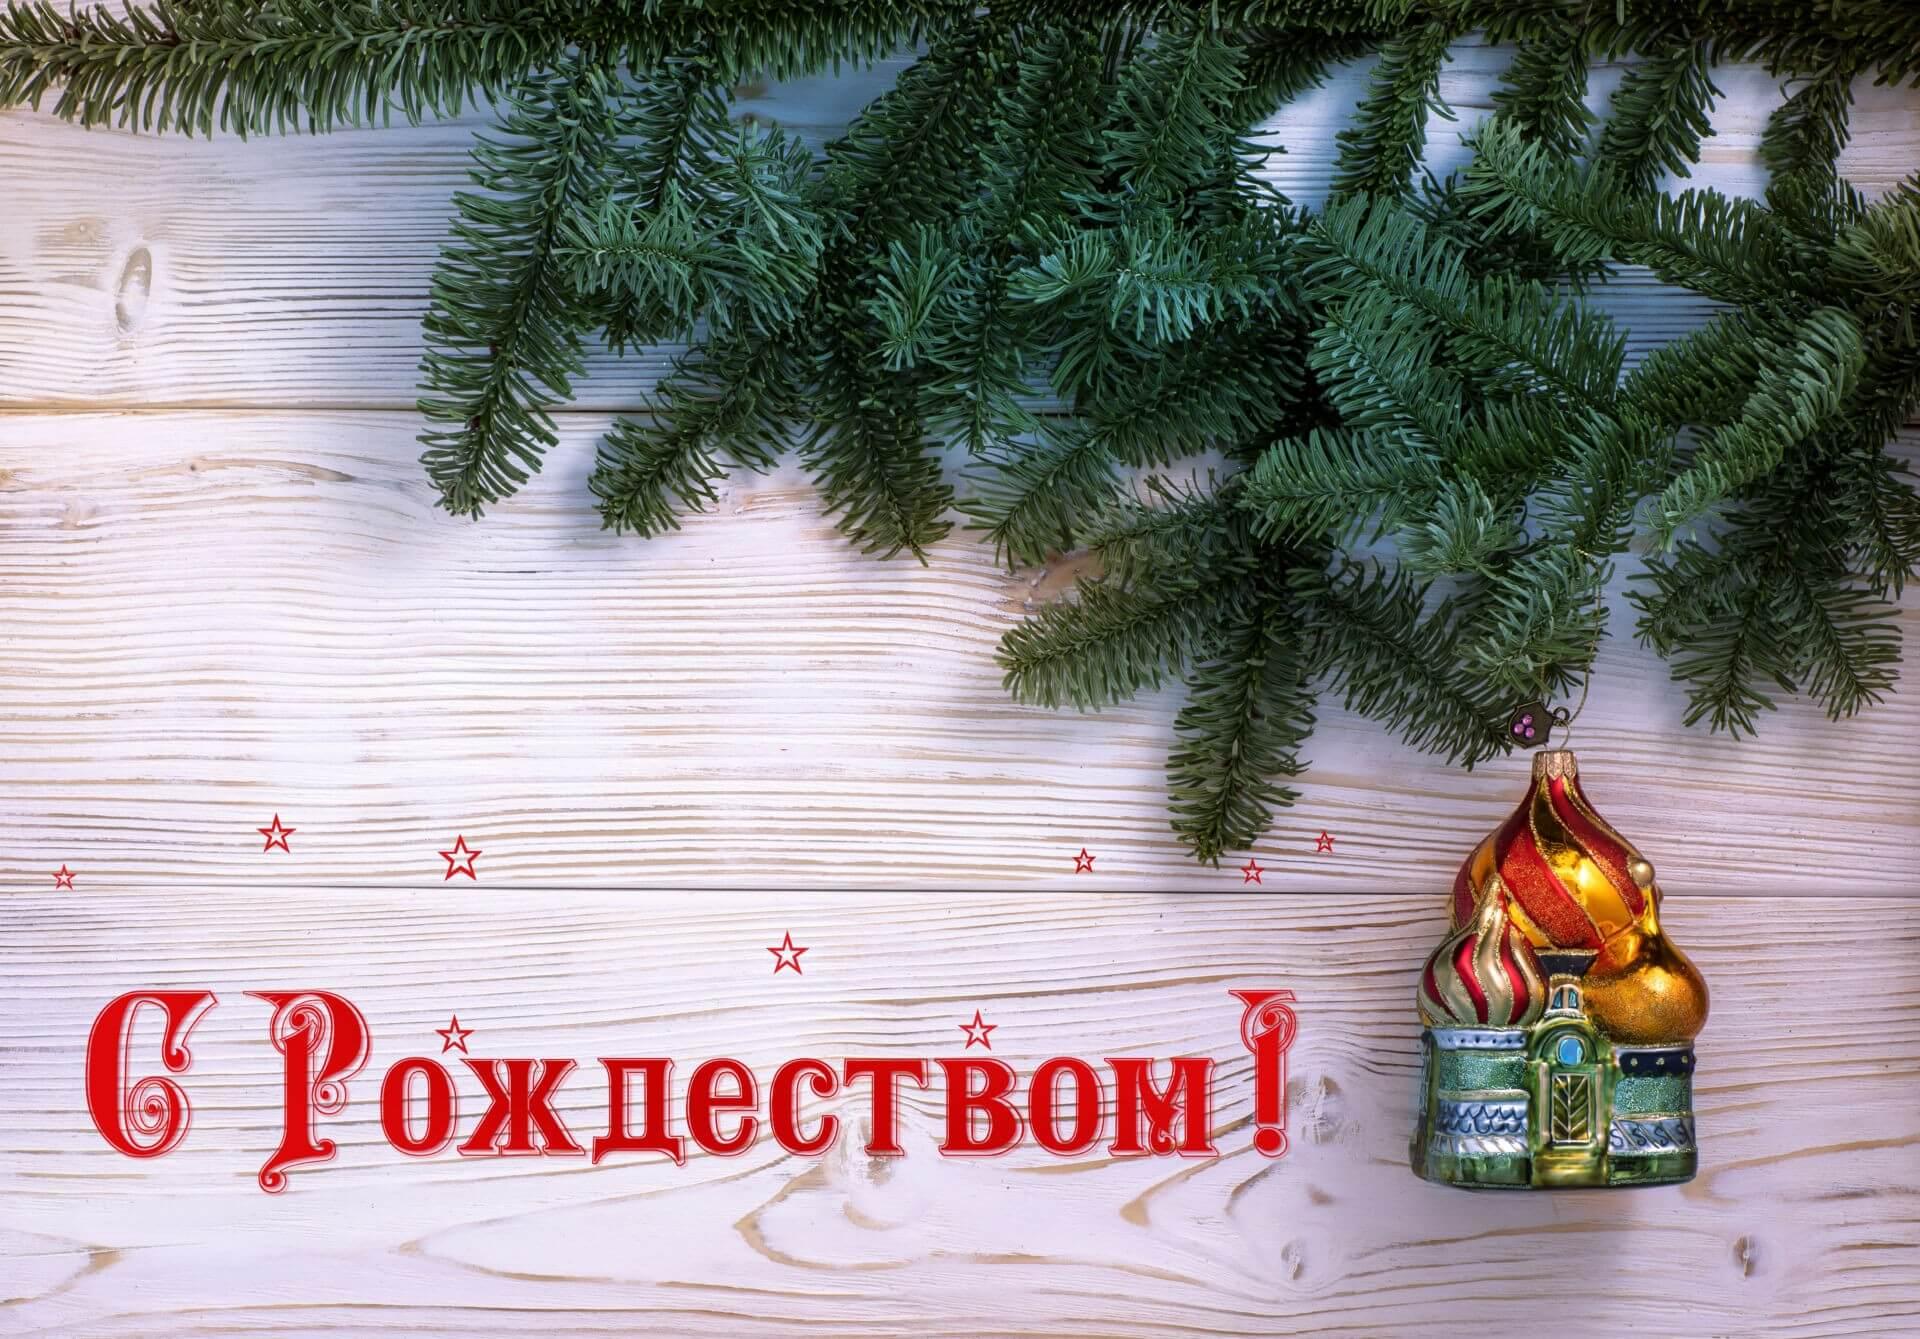 Красивые поздравления с Рождеством и Новым годом 2020: в прозе, официальные для коллег и друзей